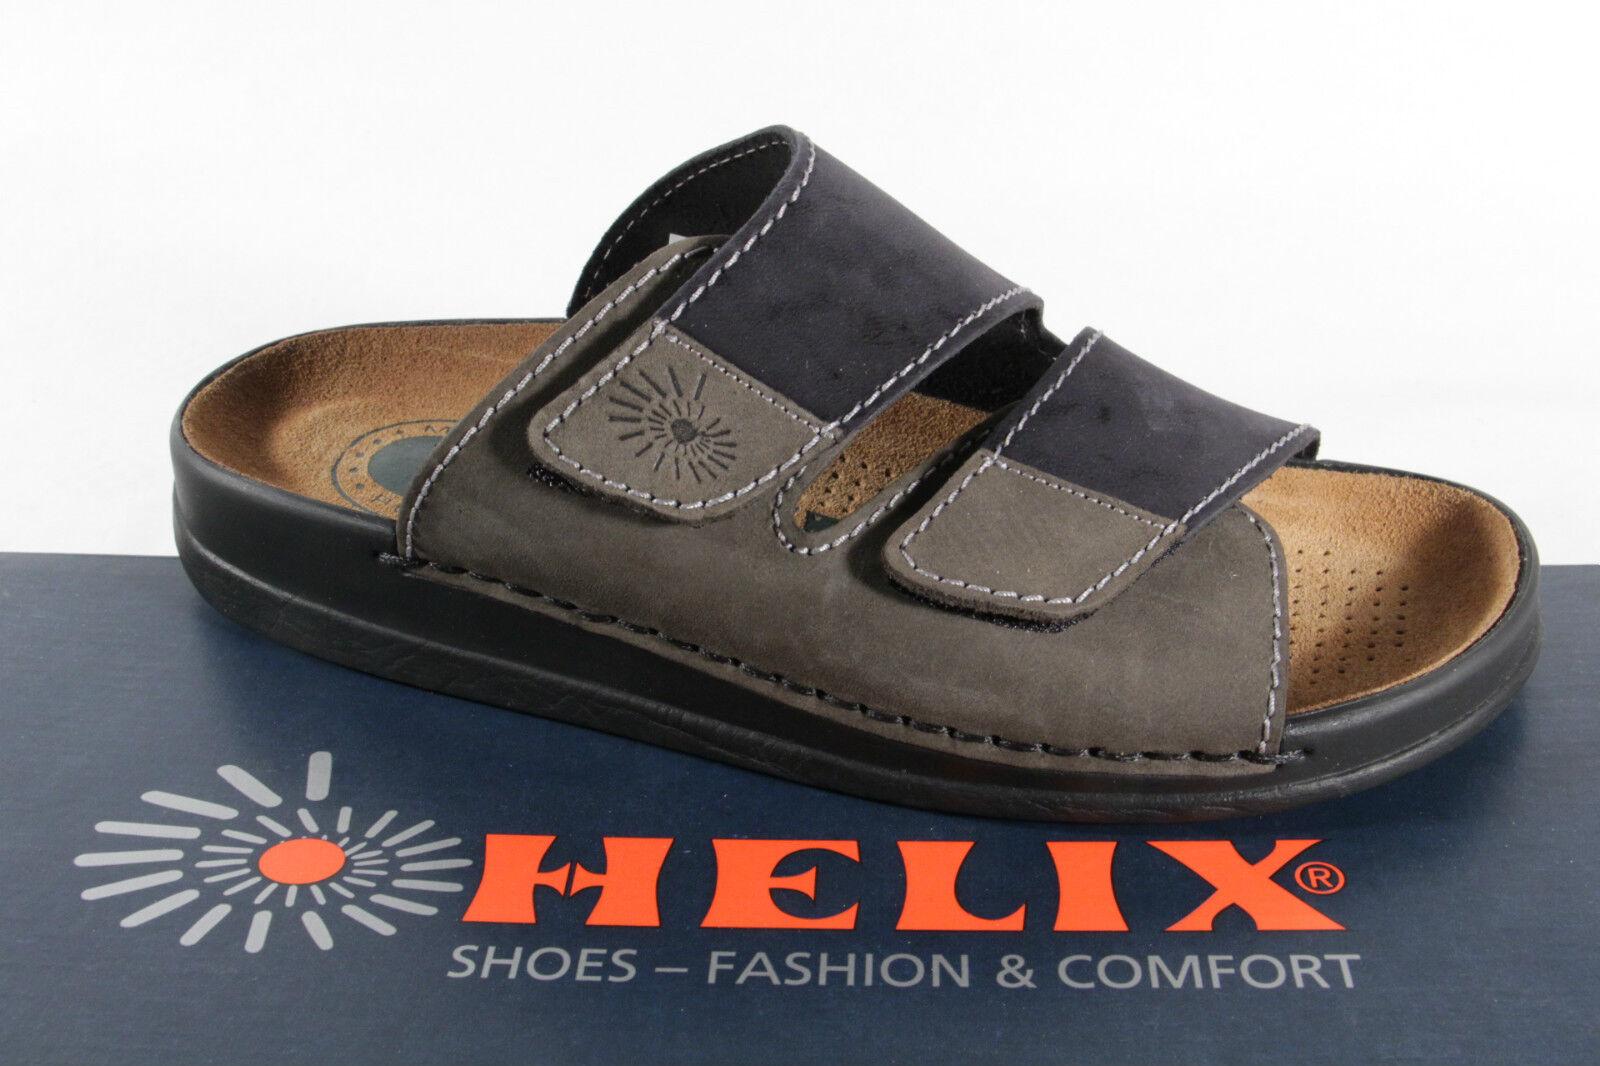 Helix Men's Slippers Clogs Mule  Slippers nero  grigio 54131 Leather  spedizione gratuita